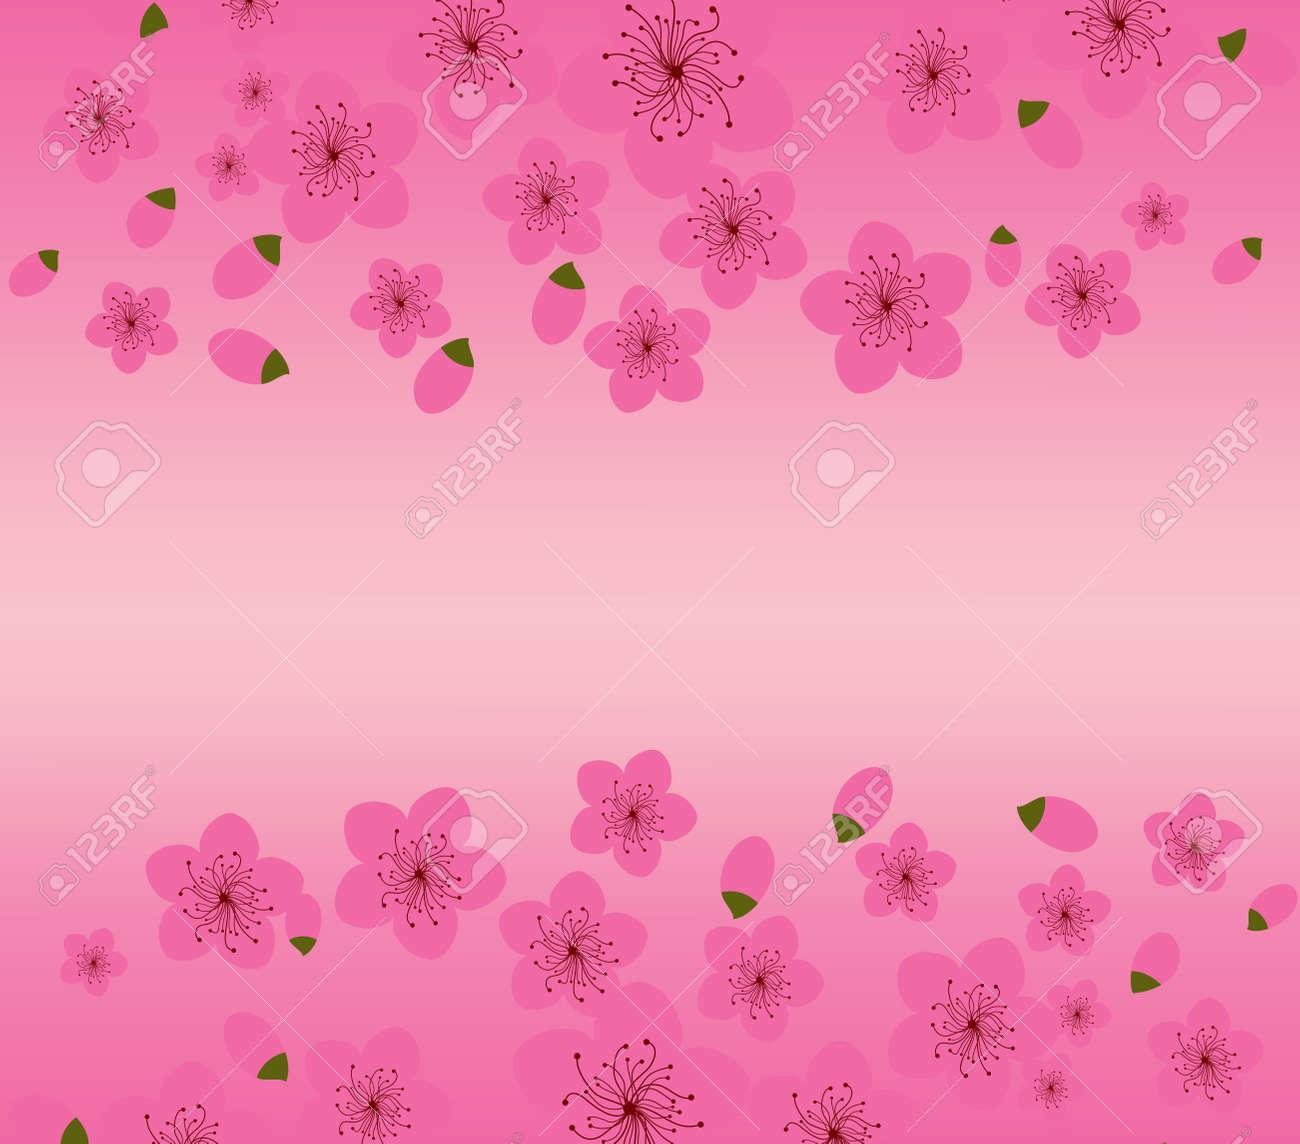 中国の旧正月の梅の花の背景のイラスト素材ベクタ Image 48142080